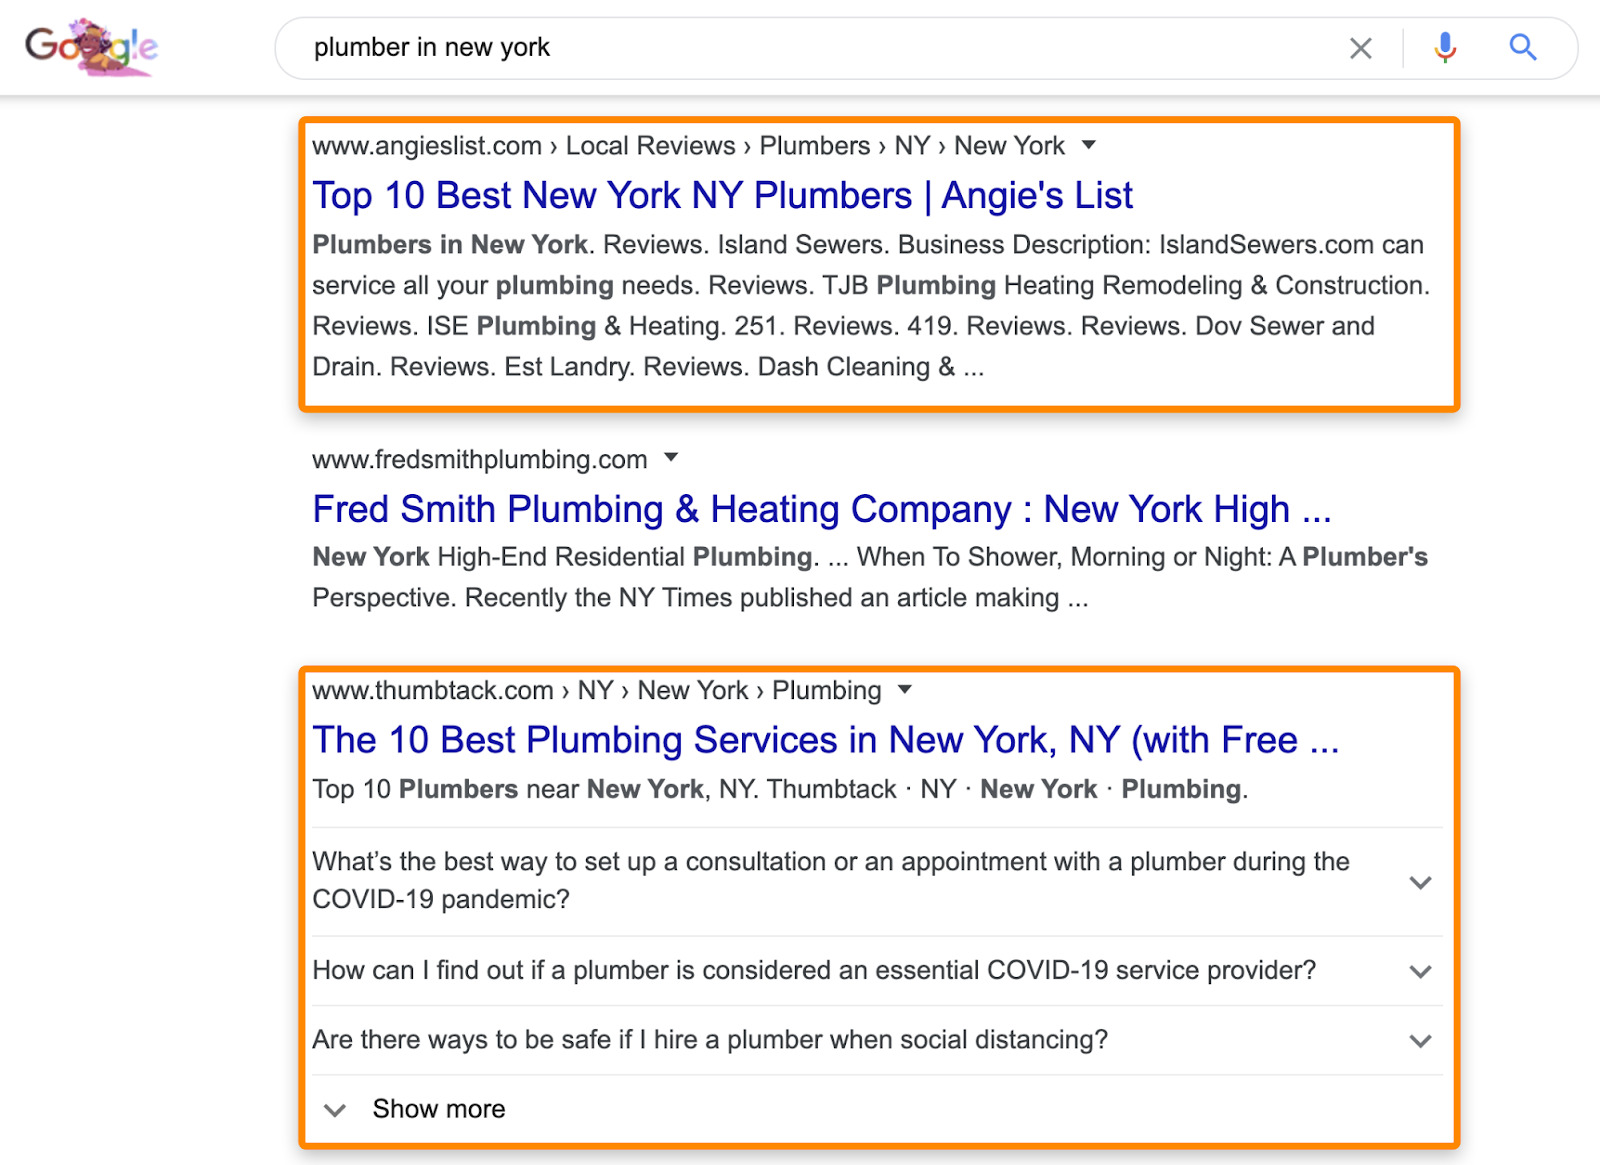 plumber in new york